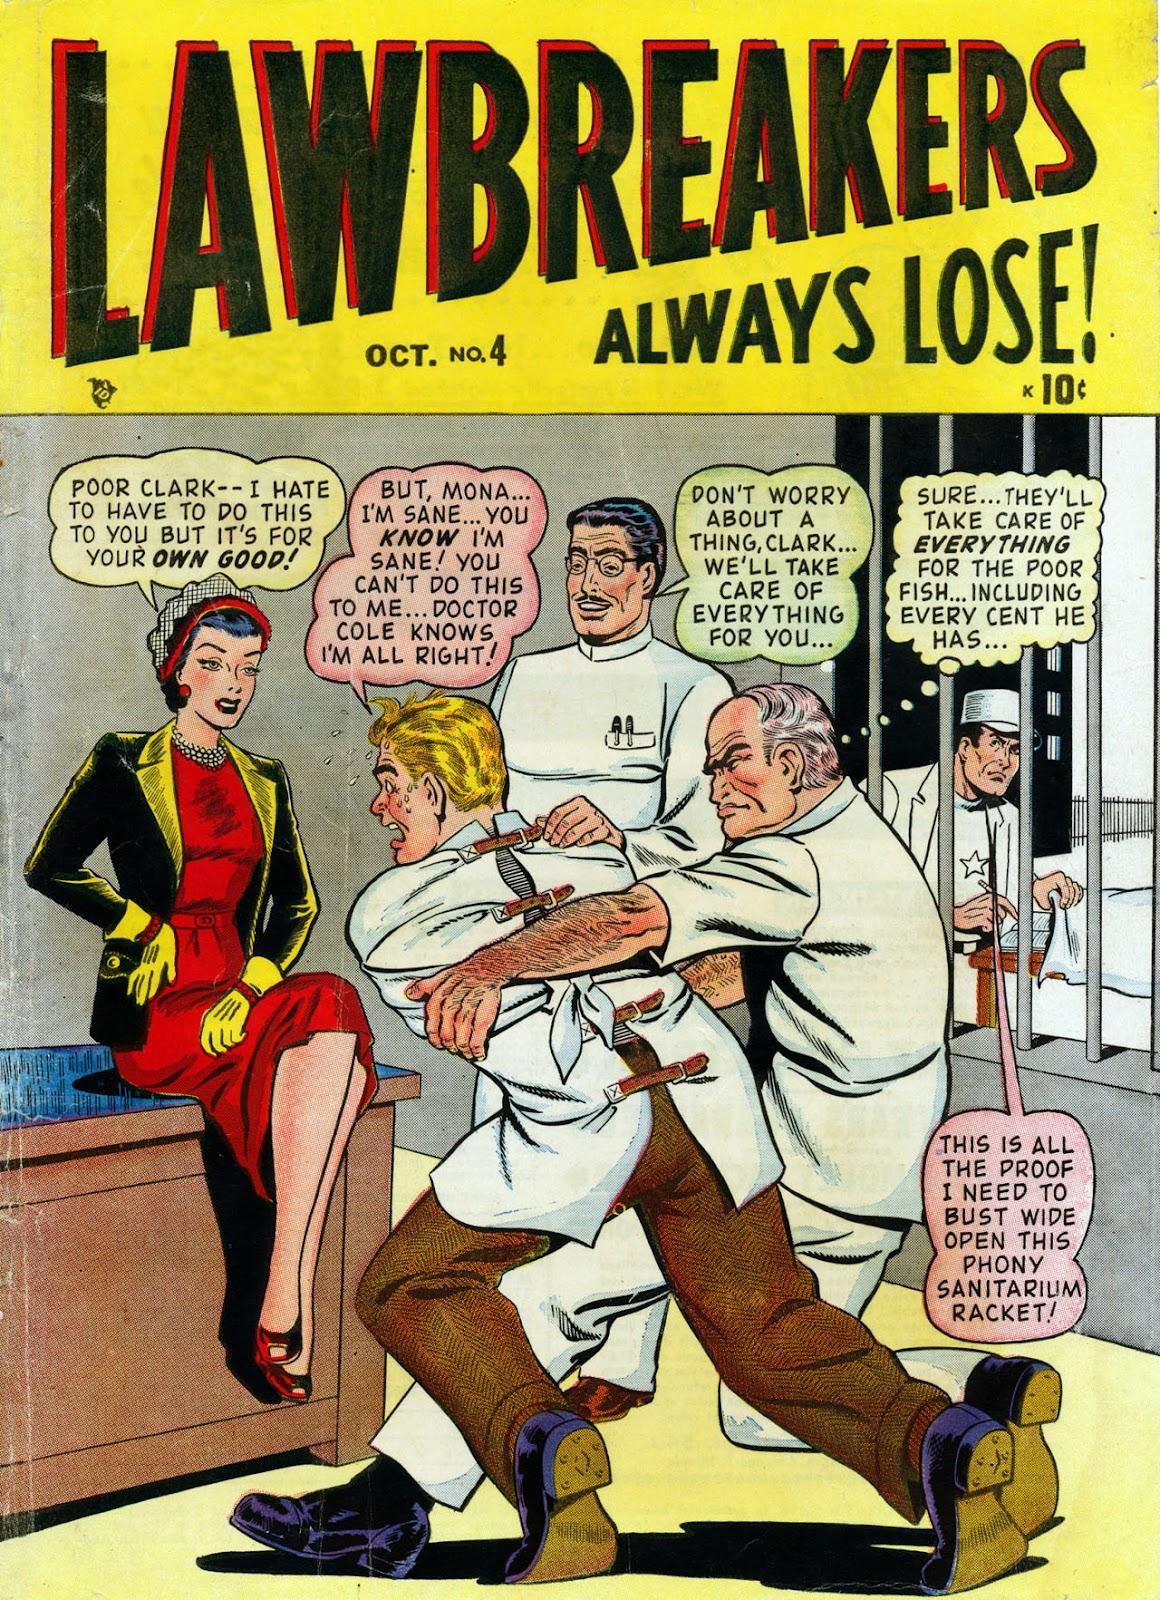 Lawbreakers Always Lose! 4 Page 1